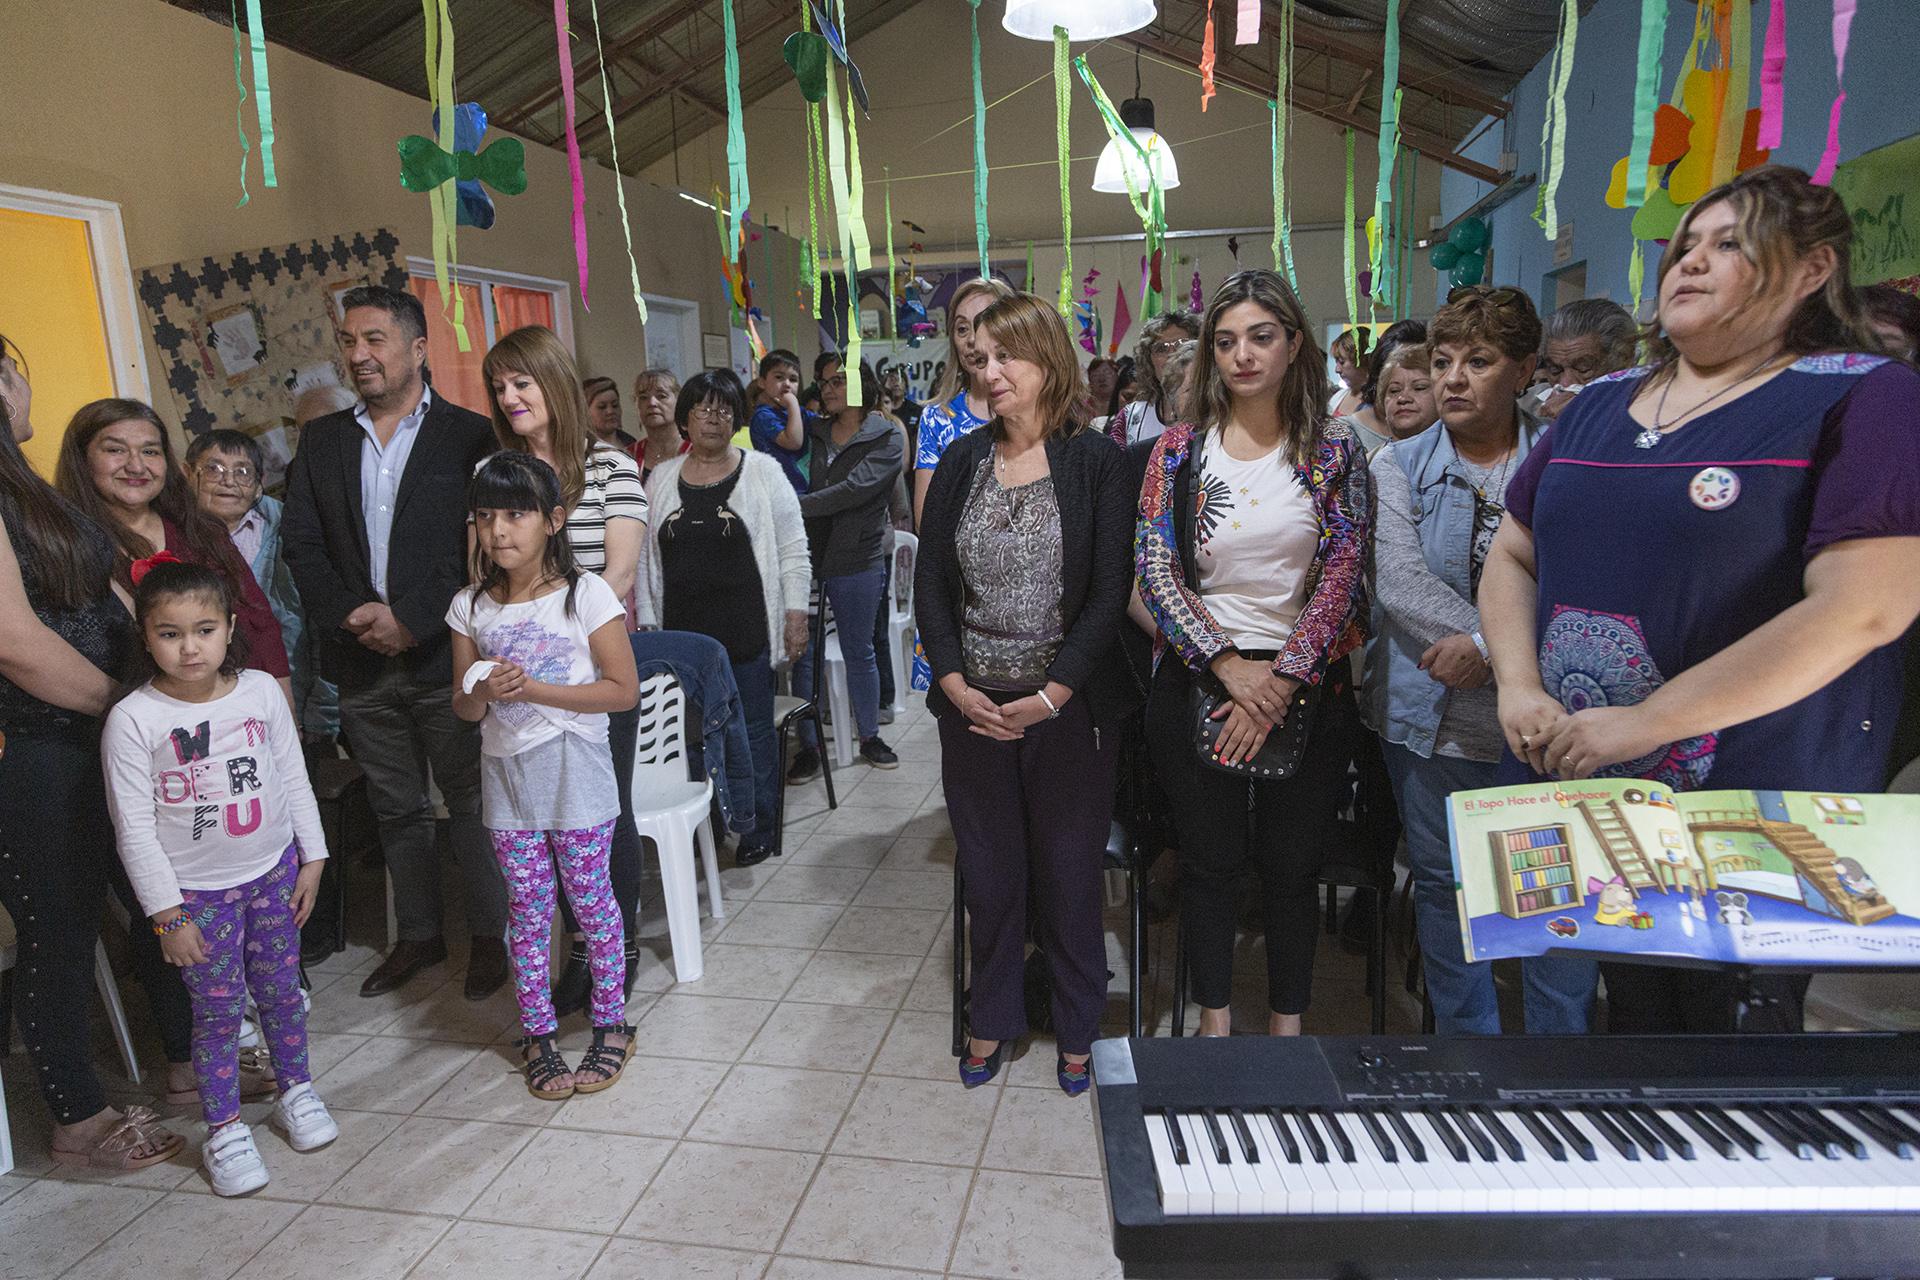 El Centro de Promoción Barrial Isidro Quiroga celebró su 22° aniversario